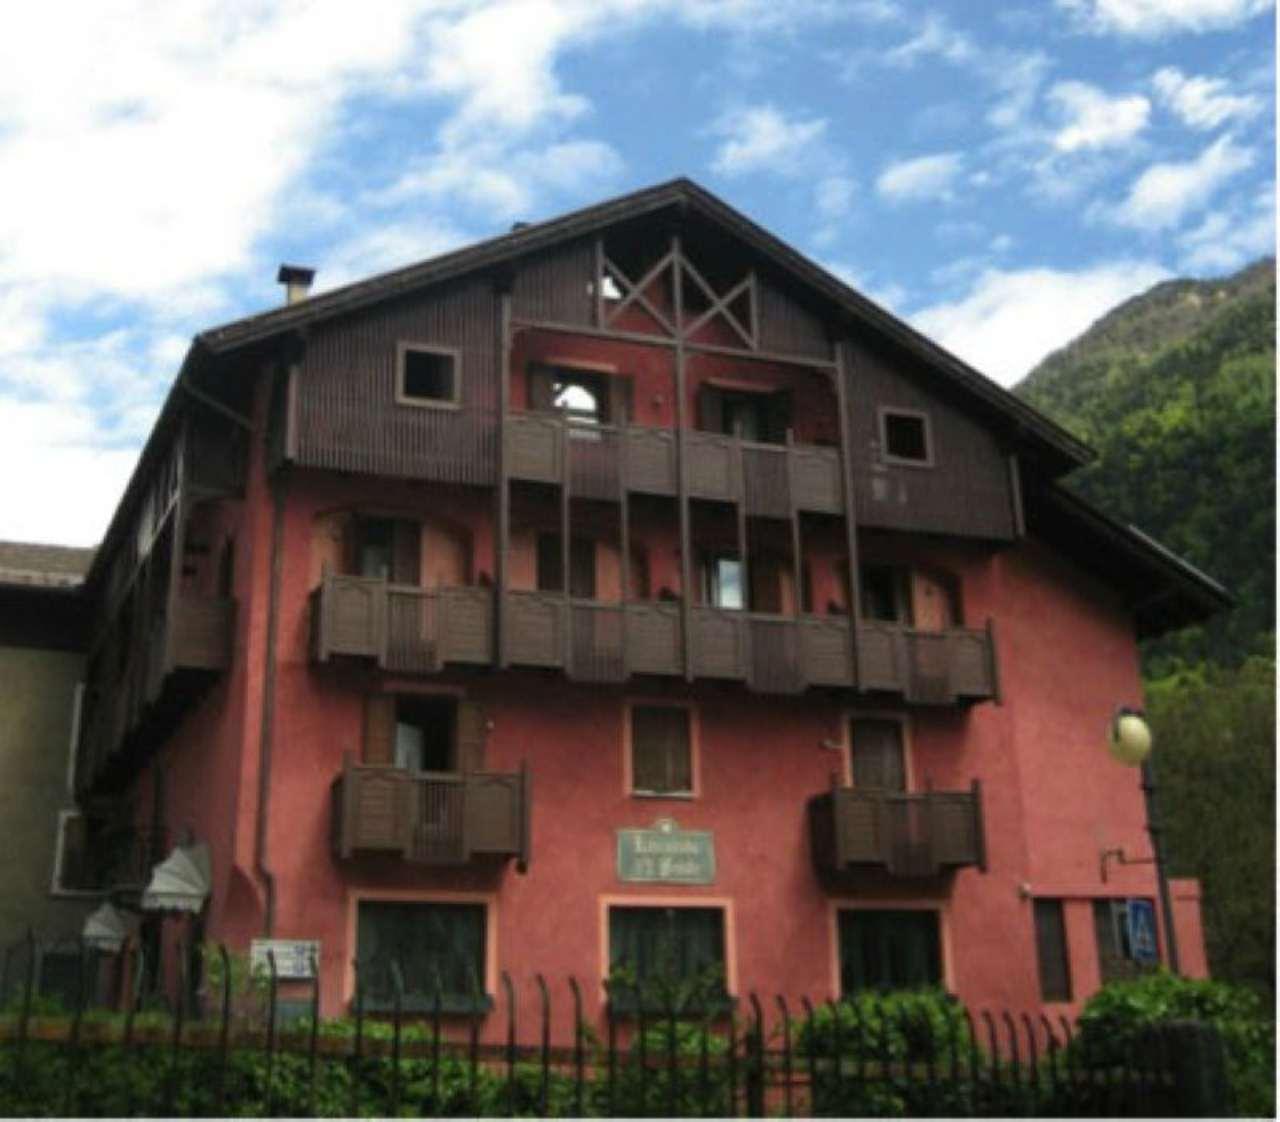 Albergo in vendita a Spiazzo, 40 locali, prezzo € 1.700.000   Cambio Casa.it